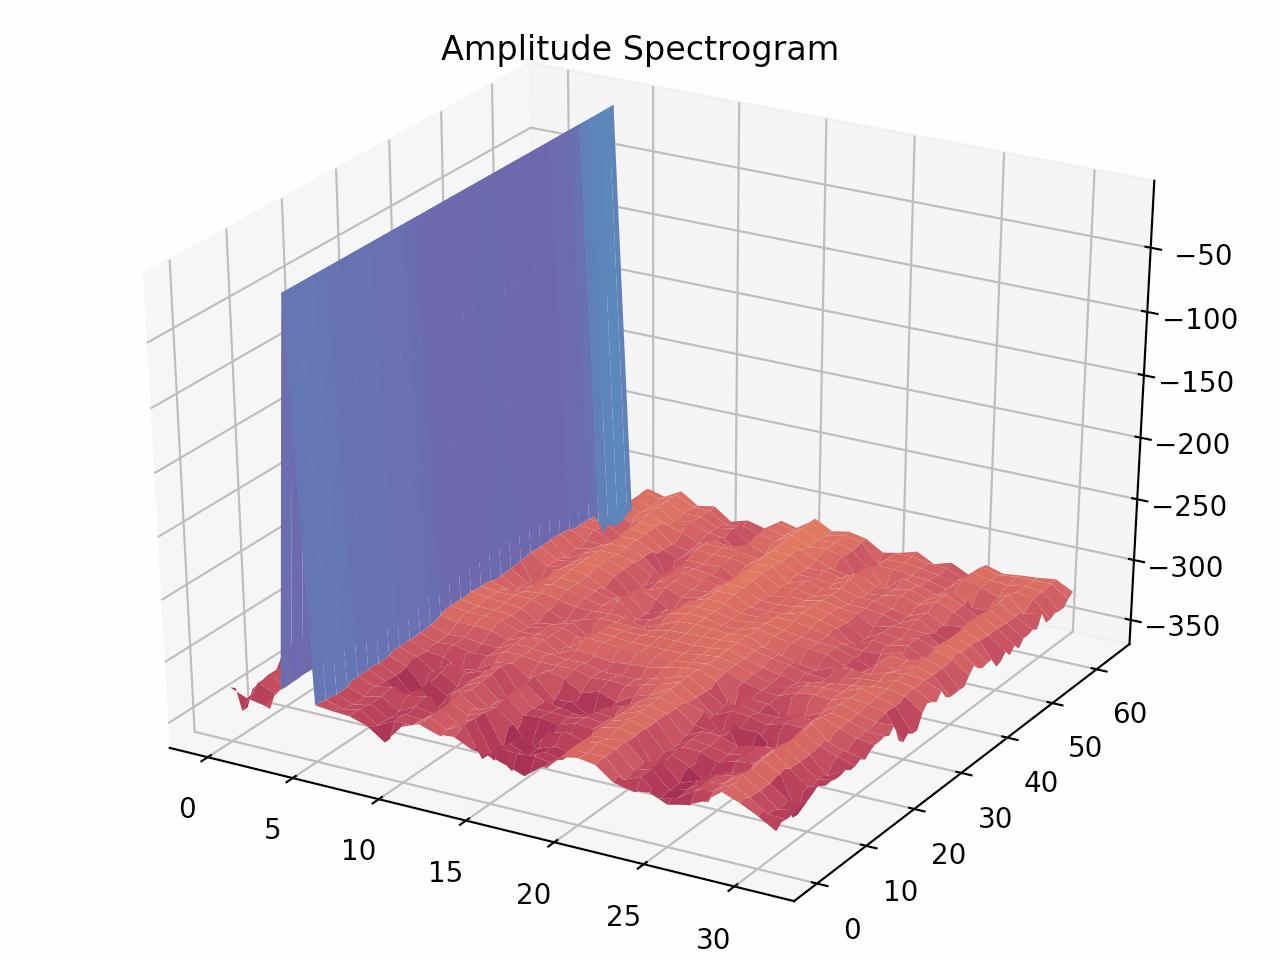 正規化周波数4の振幅スペクトログラム